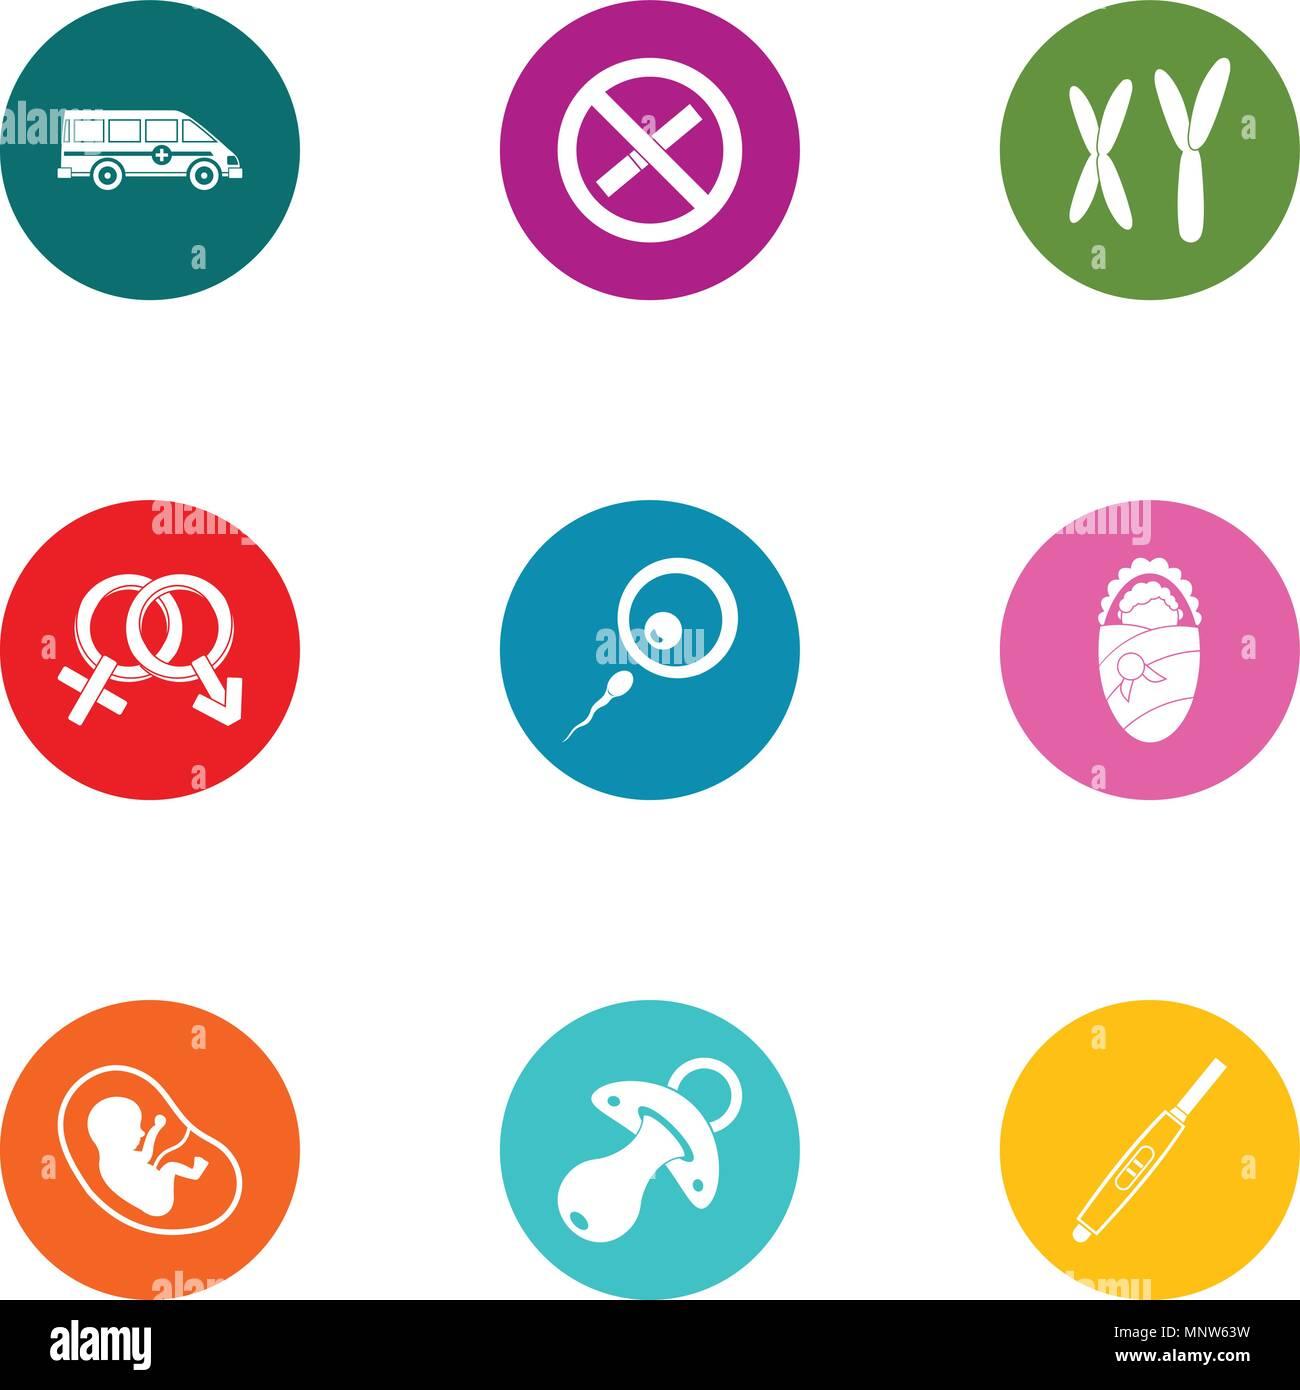 Maternity hospital icons set, flat style - Stock Image